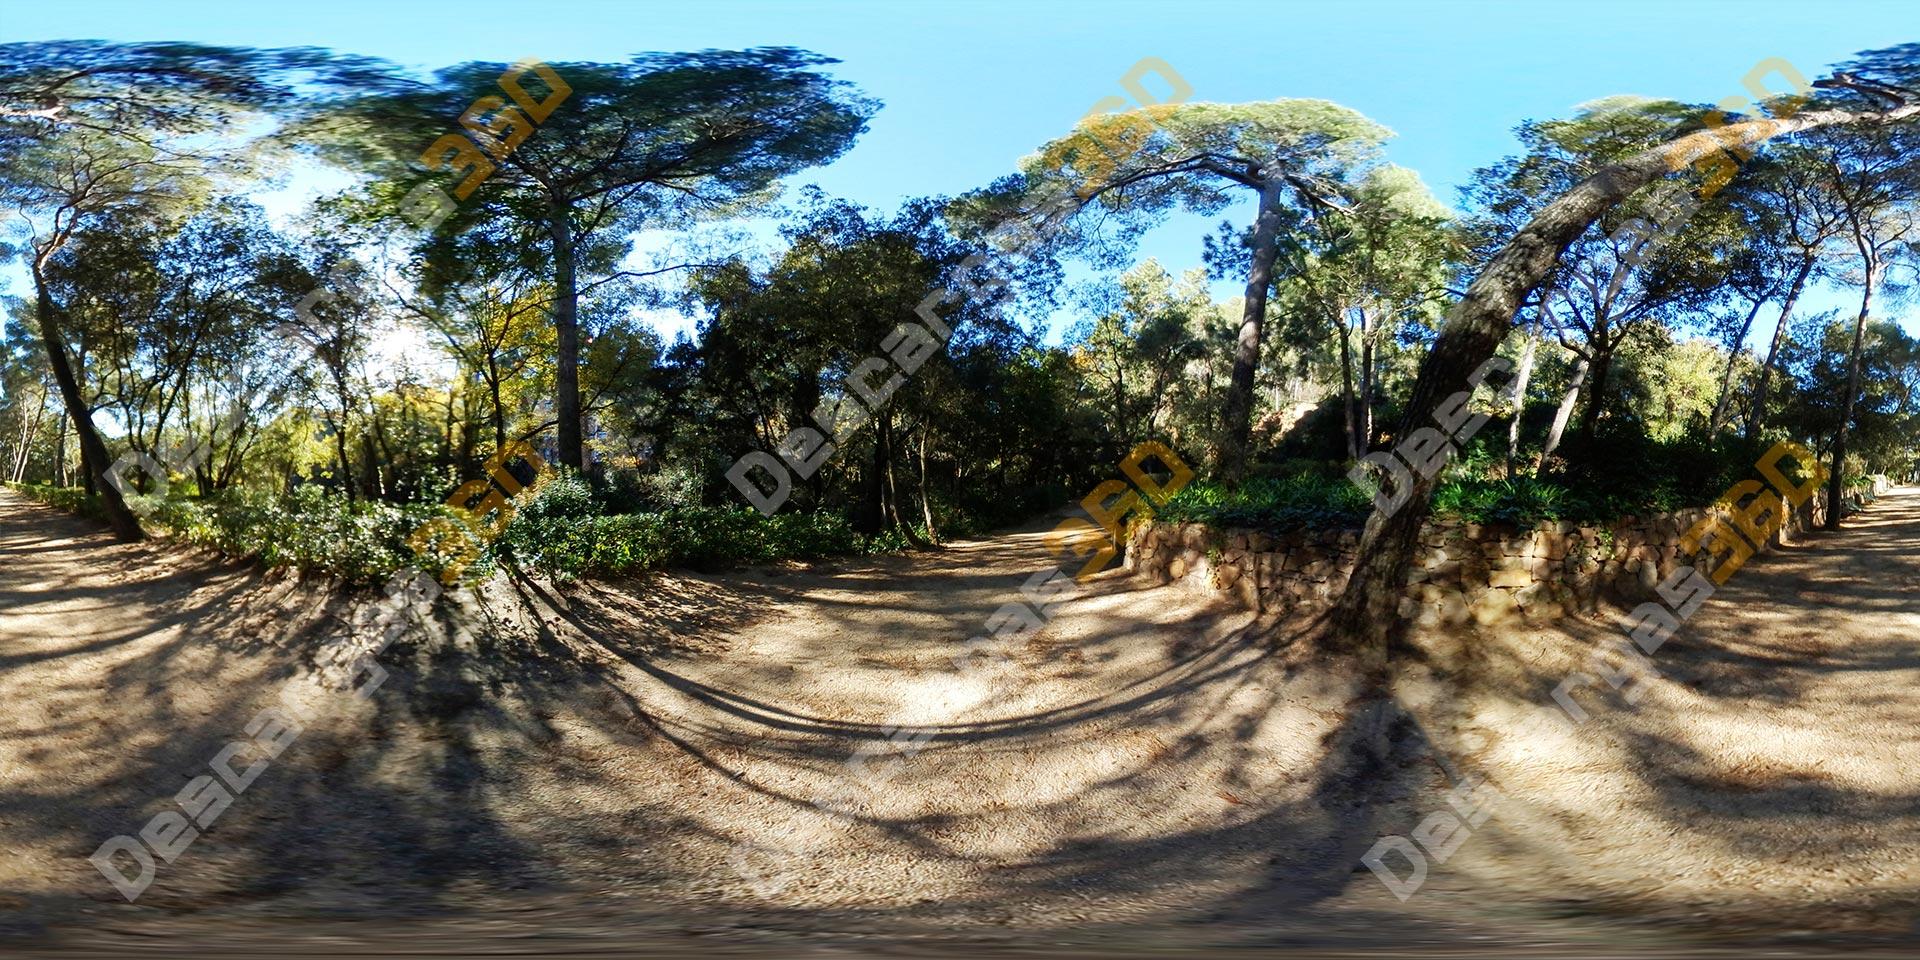 Camino-con-muro-entre-árboles-en-parque-360-Naturaleza---Descargas360